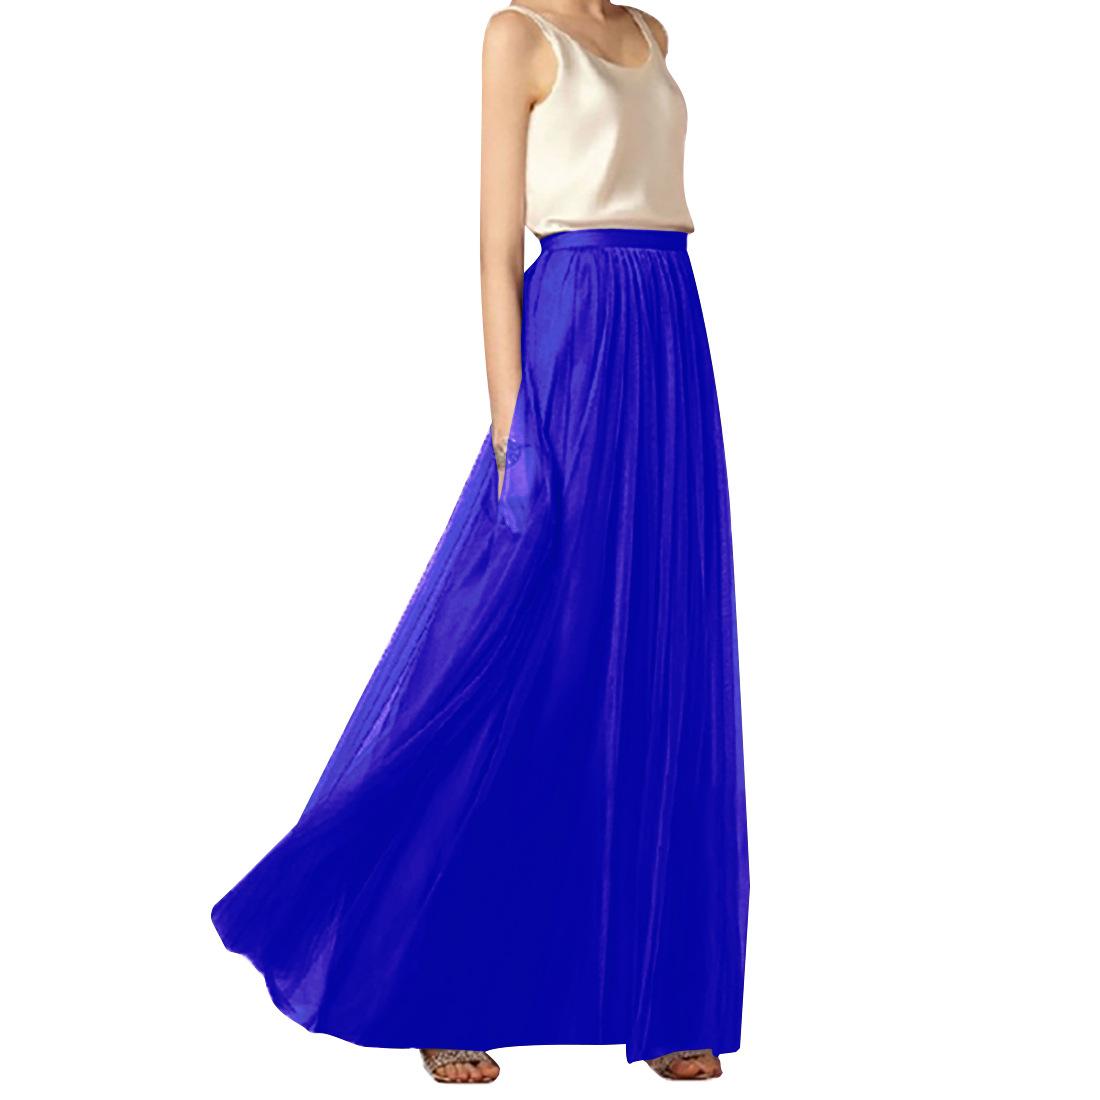 外贸女装修身半身裙气质长裙加密纯色A字纱裙欧美定制伴娘裙长款